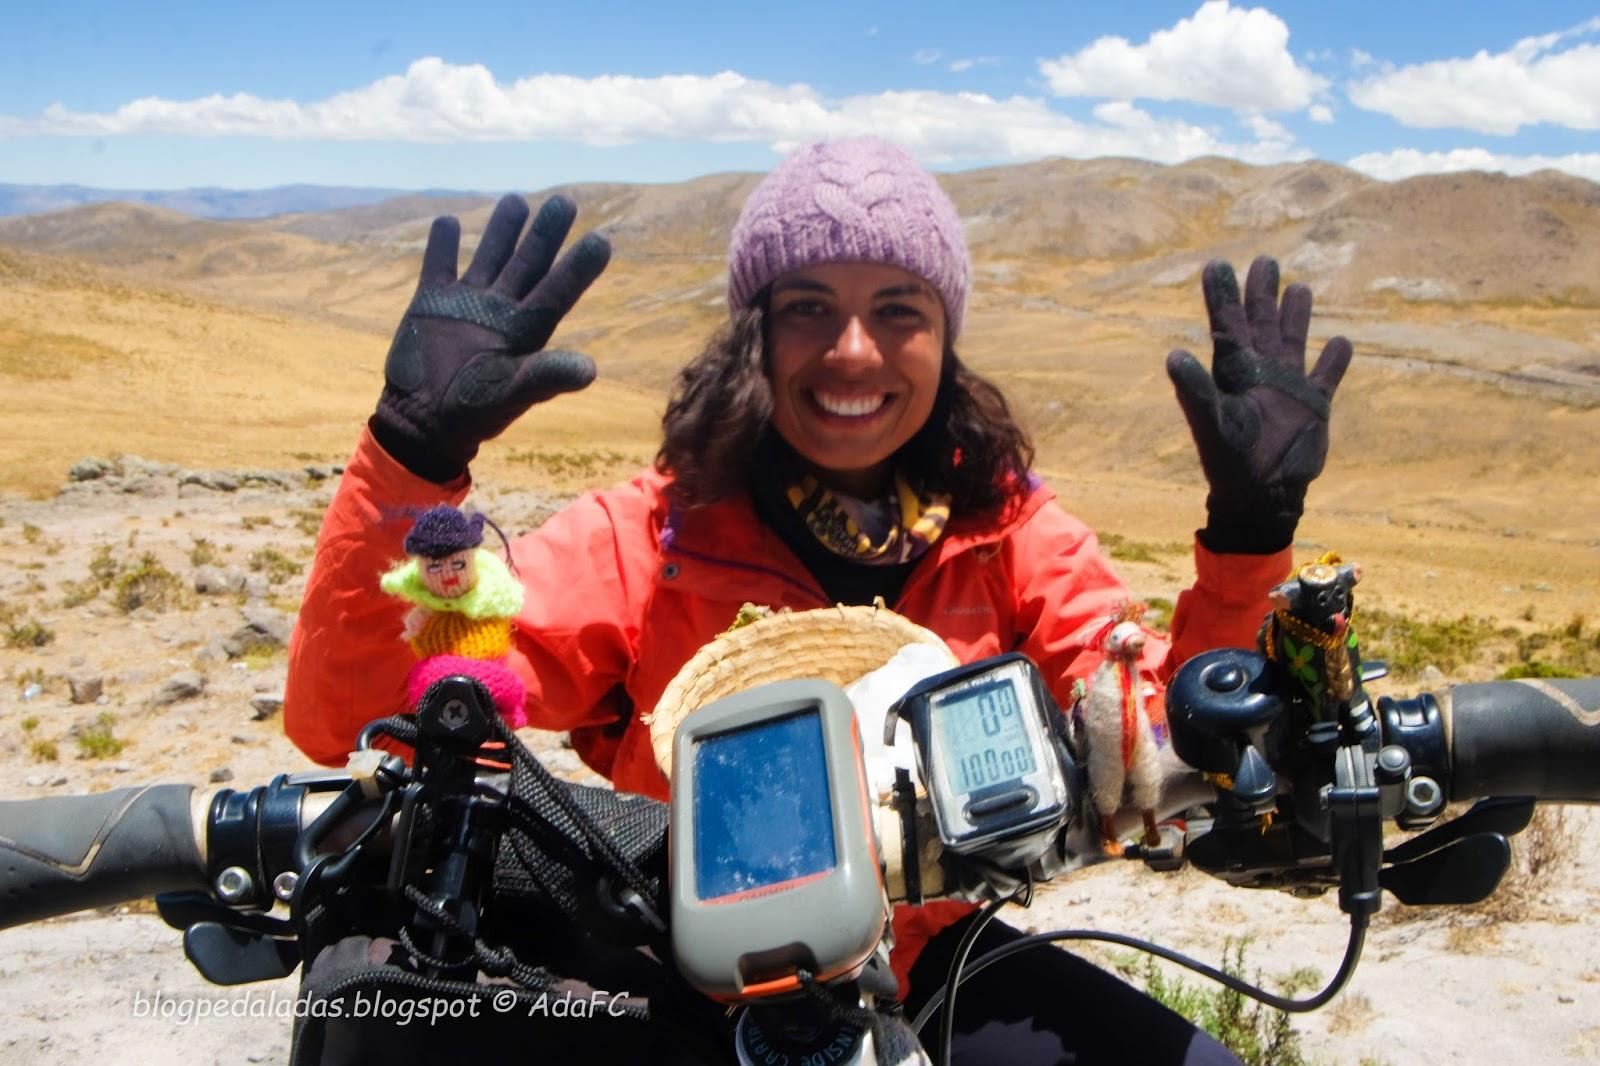 [Entrevista] Viagem de Bicicleta por 2 anos: Uma PedalADA pela América